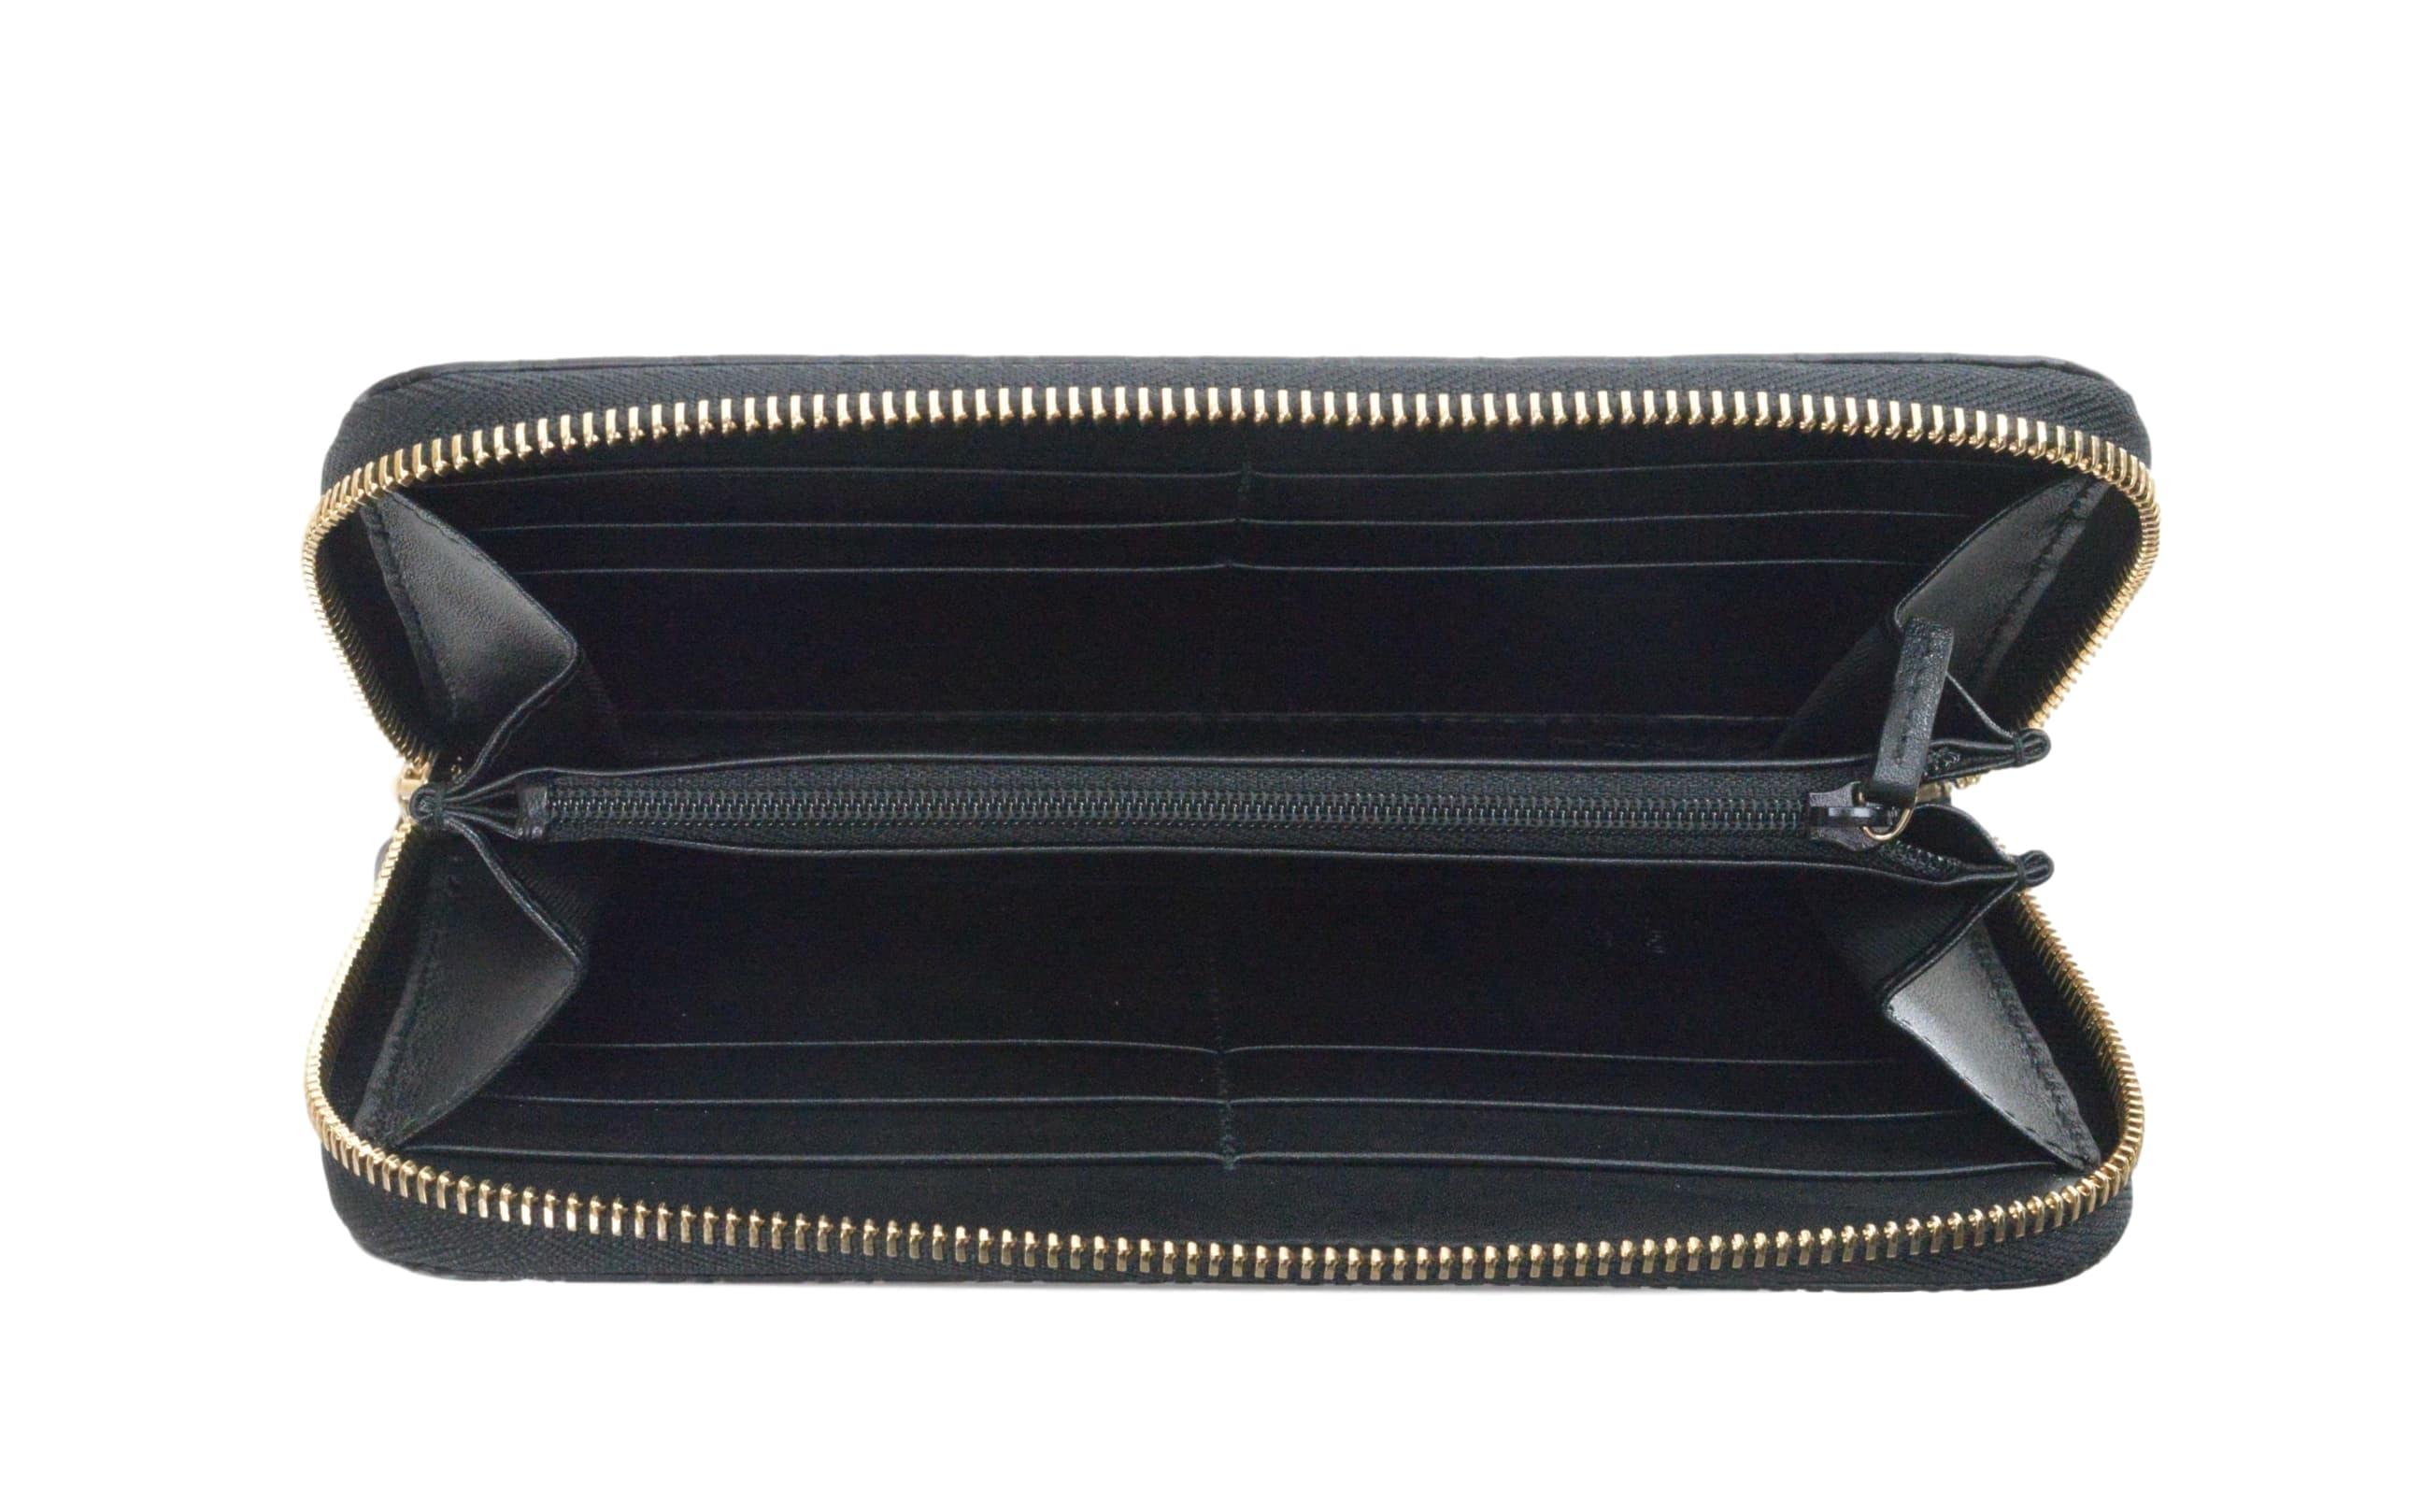 gucci zipper wallet. gucci-women-039-s-micro-guccissima-zip-around- gucci zipper wallet r